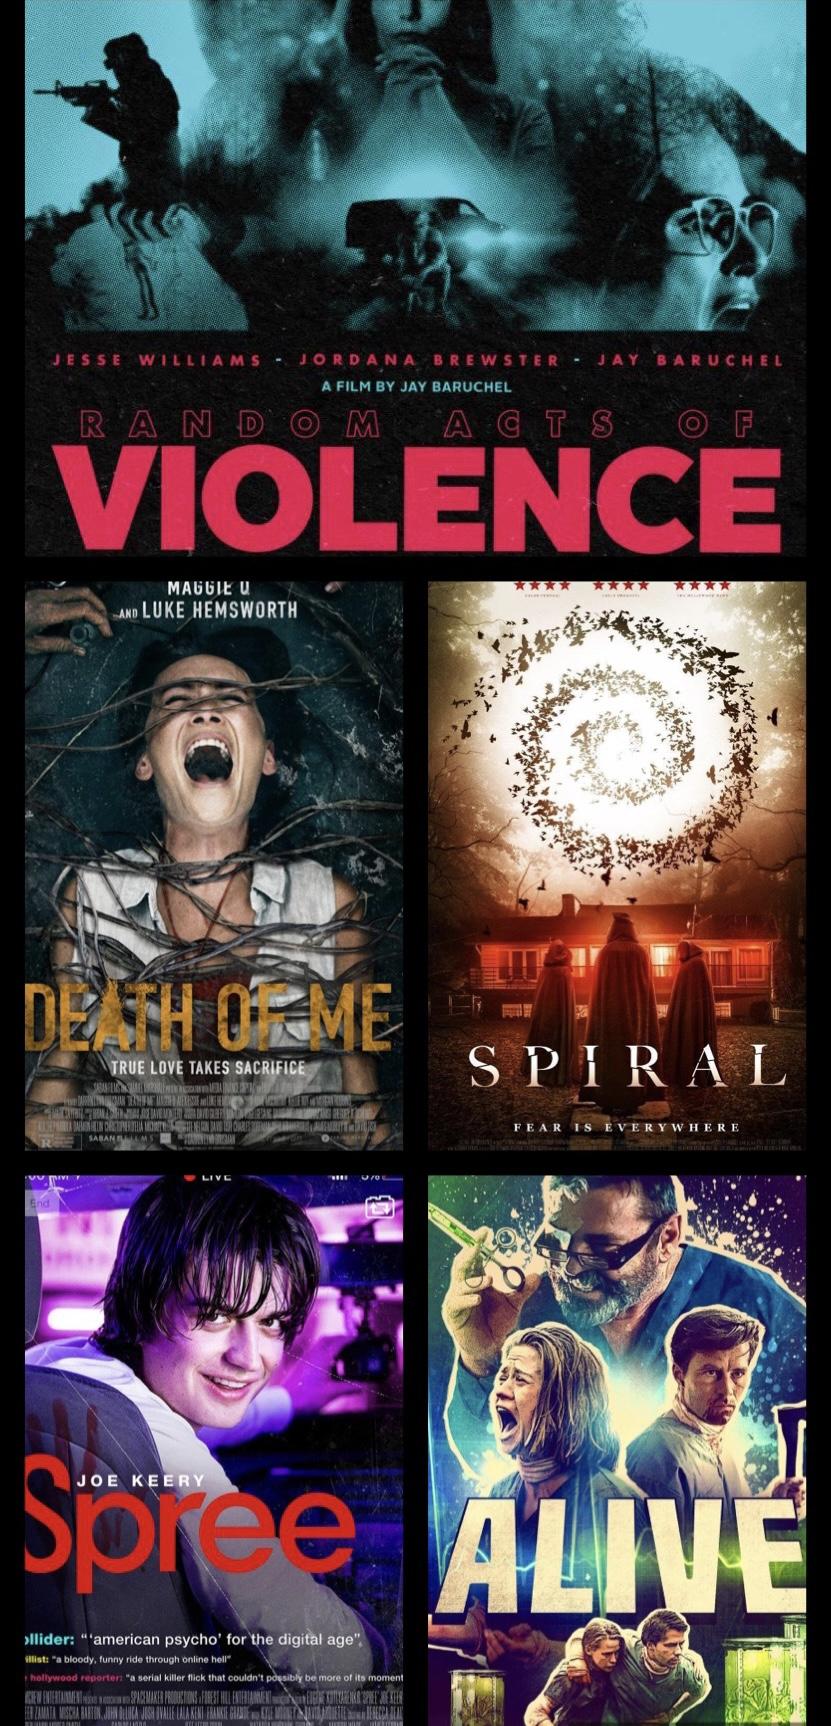 Cine fantástico, terror, ciencia-ficción... recomendaciones, noticias, etc - Página 16 0b884b10